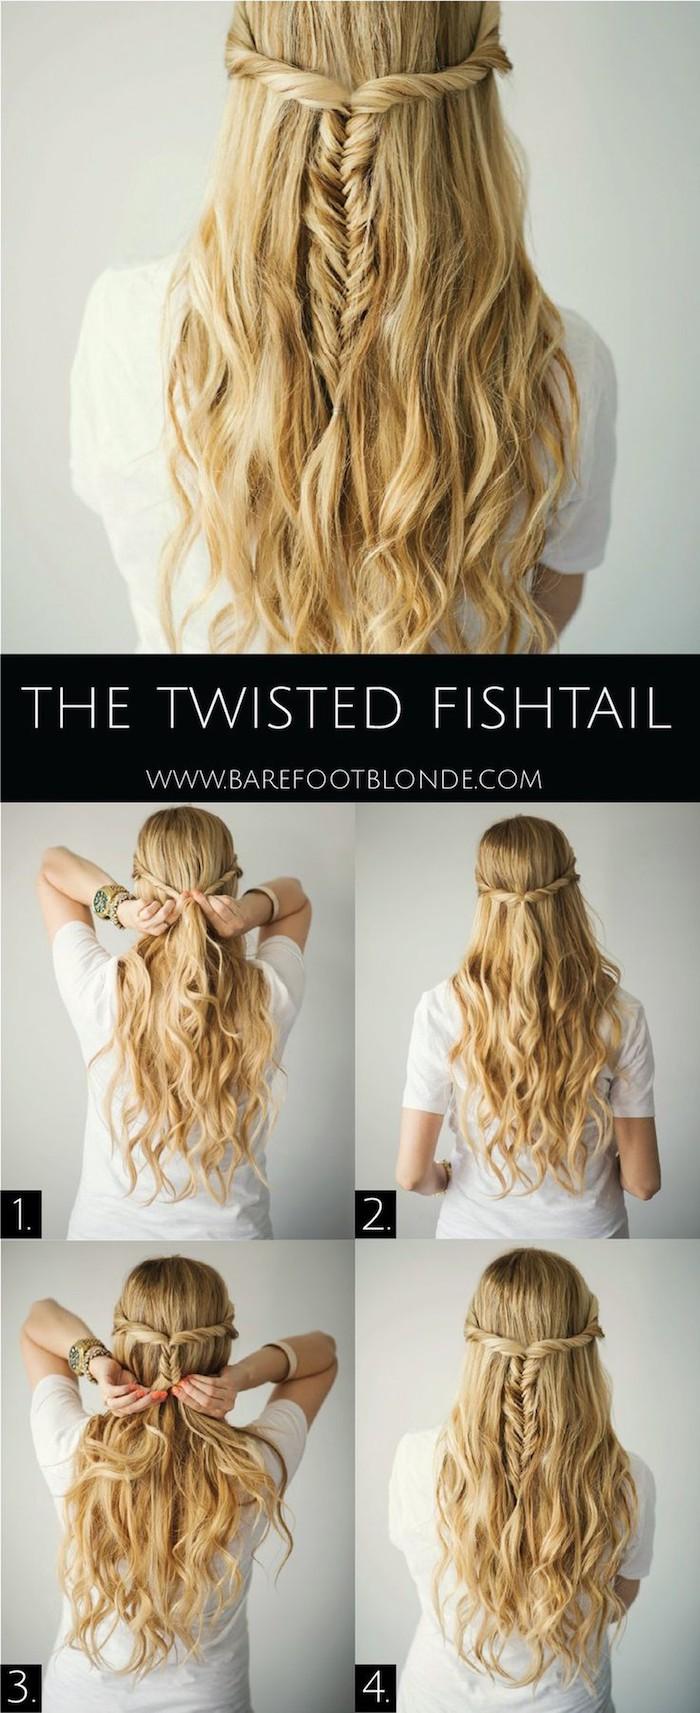 diy anleitung schritt für schritt brautfrisuren halboffeon fischgretänzopf flechten lange blonde haare mit wellen